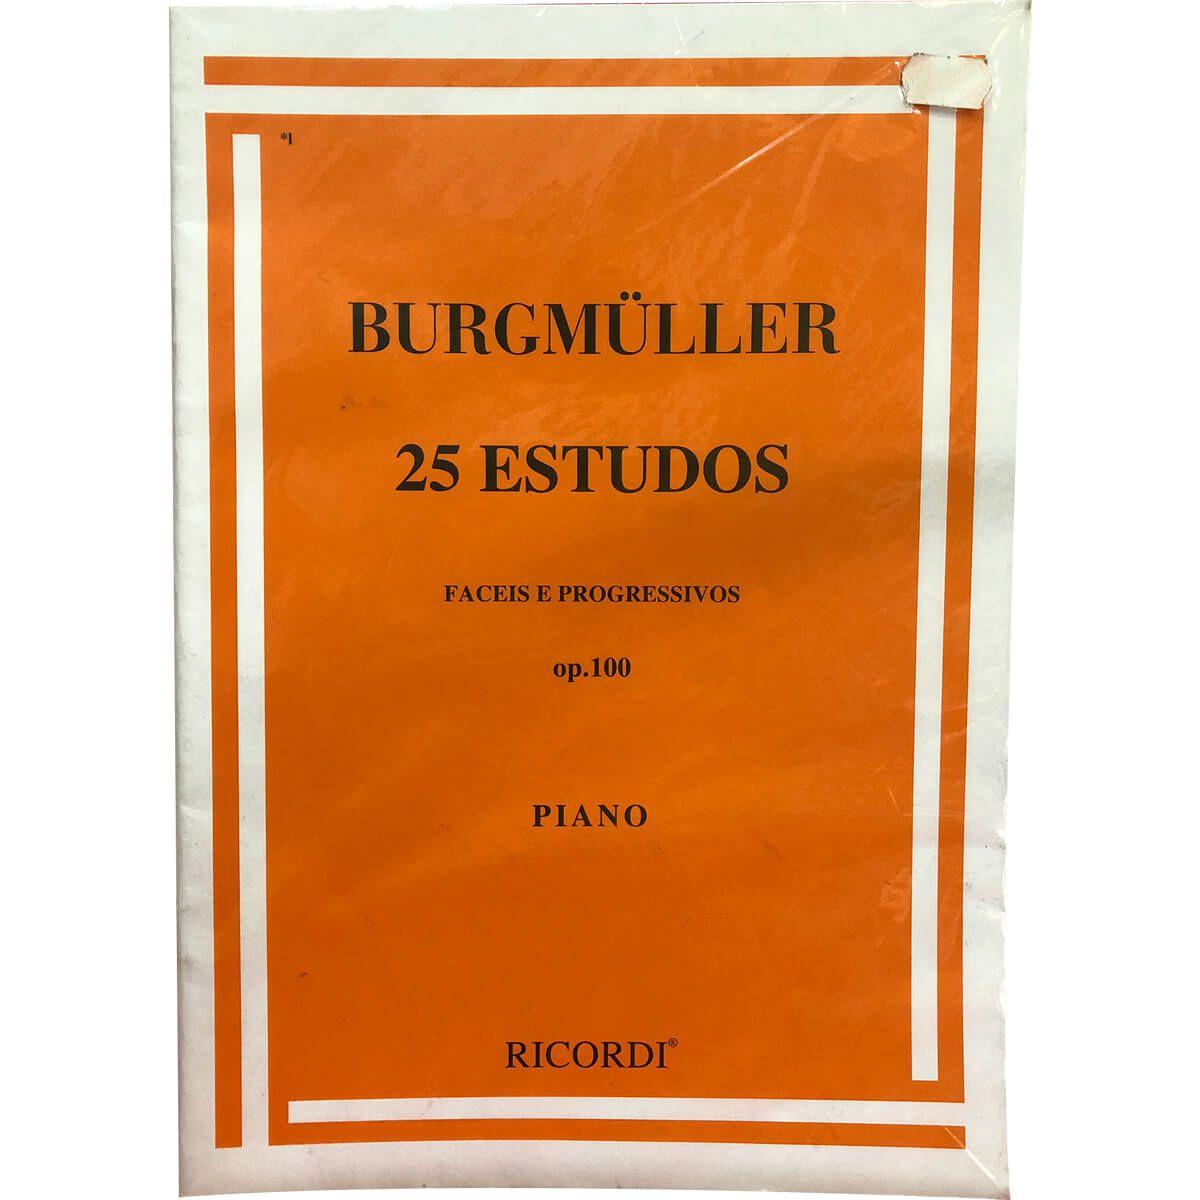 Método - Burgmuller - Piano - 25 Estudos Fáceis E Progressivos - Ricordi